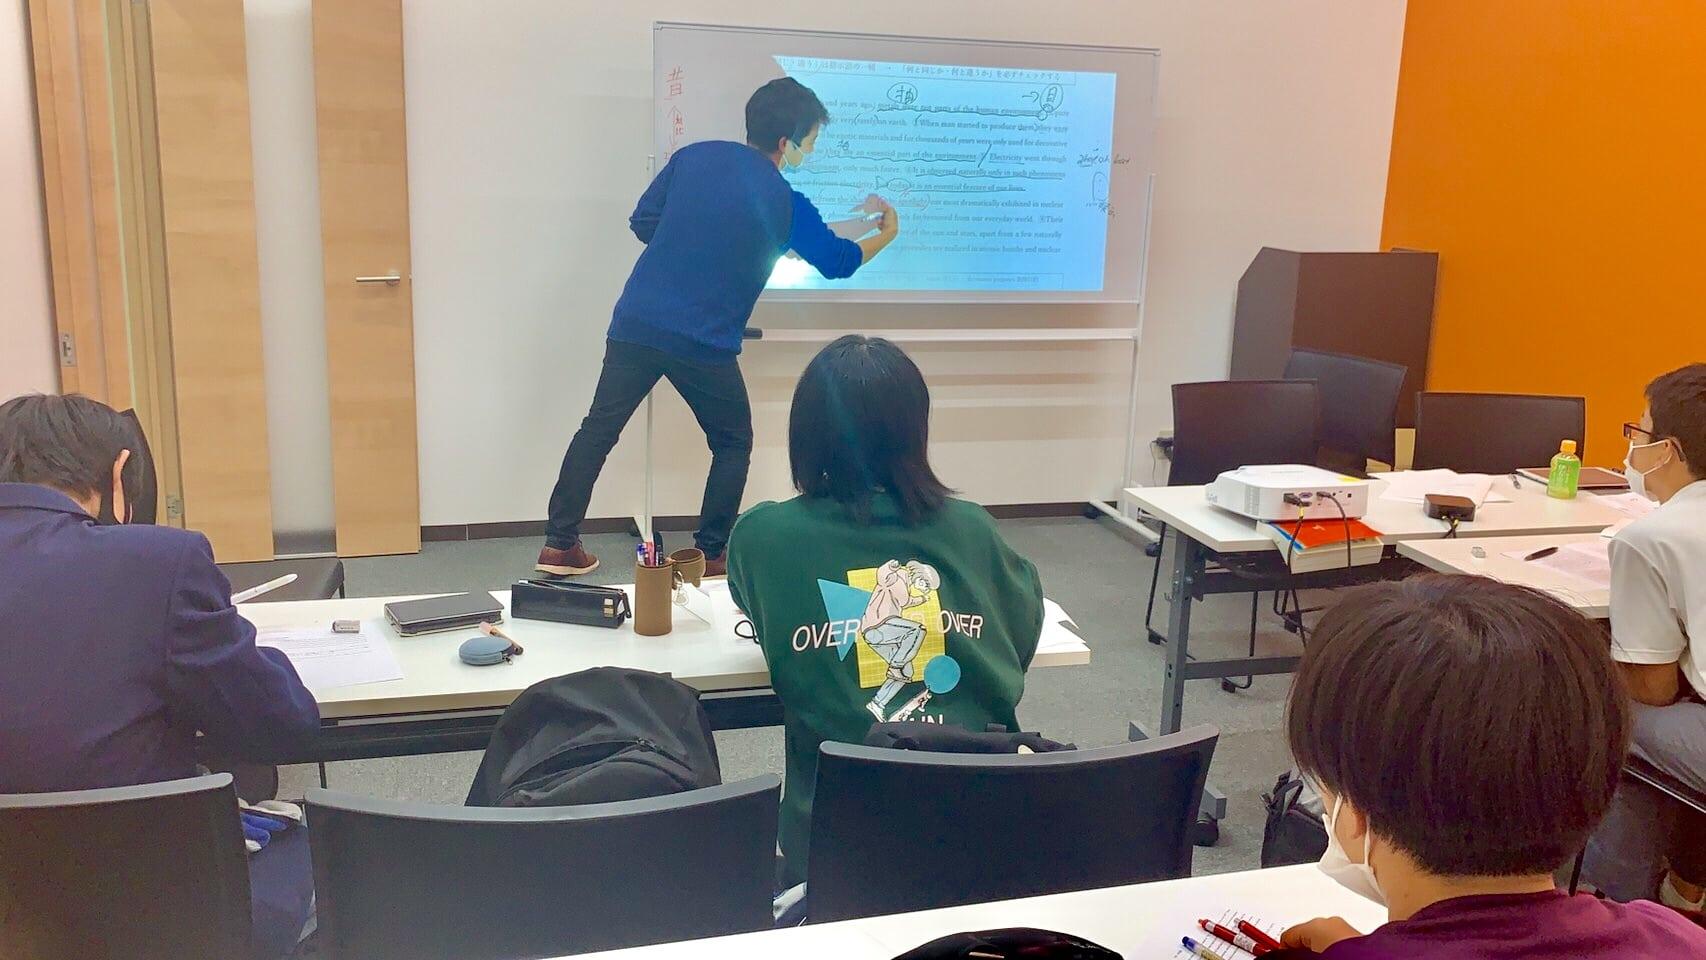 琉球大学受験生のための早期対策会。